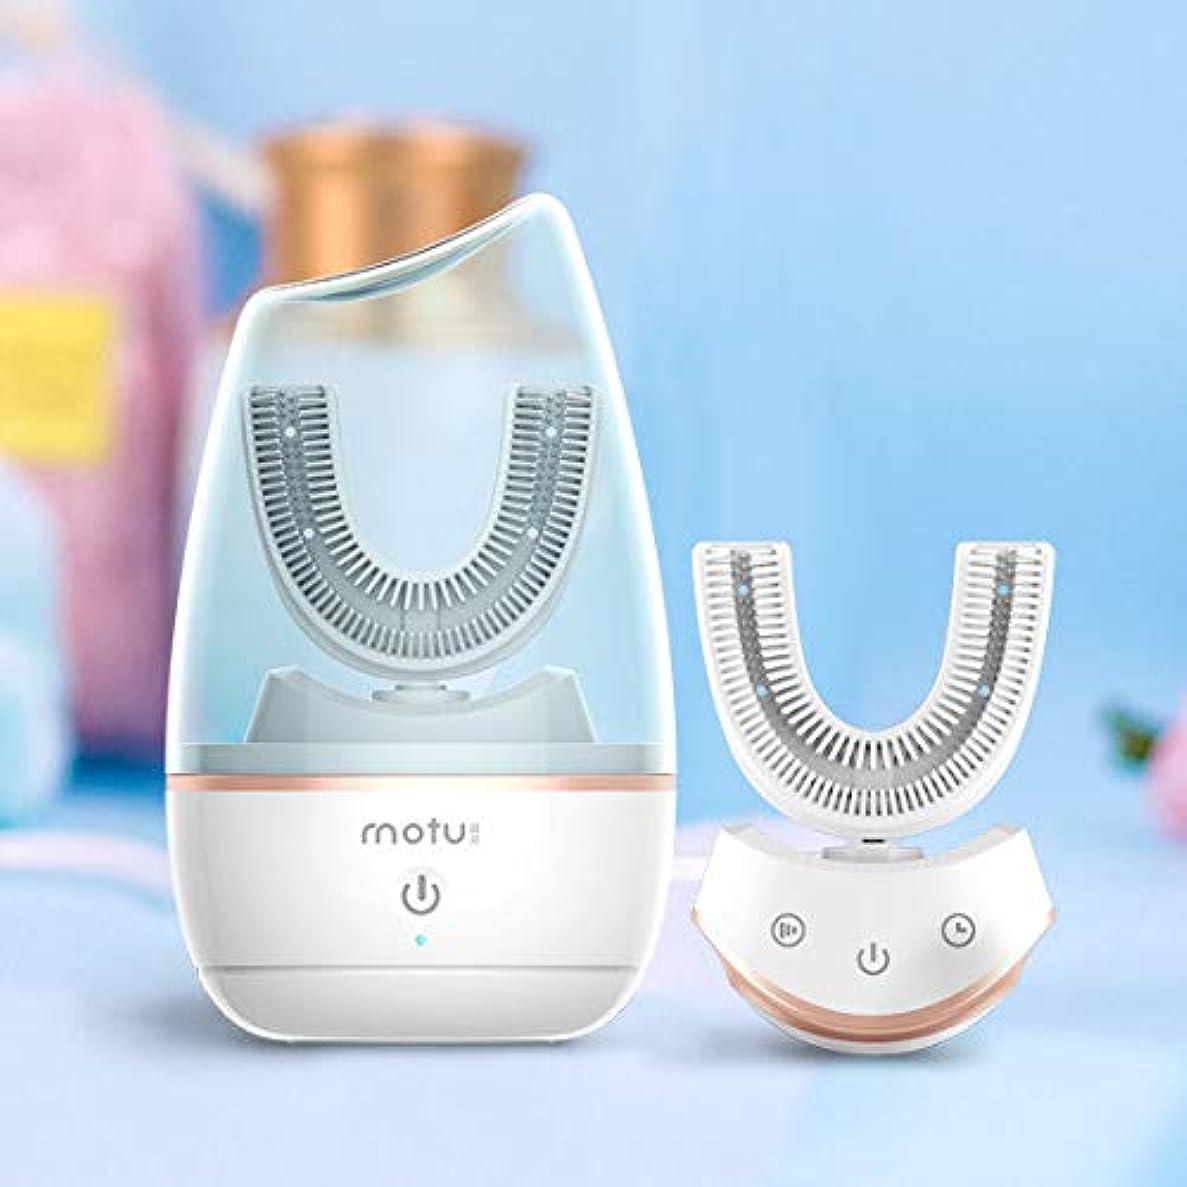 病気の価格タイムリーな電動歯ブラシ全自動、ブラシを白くする再充電可能でスマートな音波歯